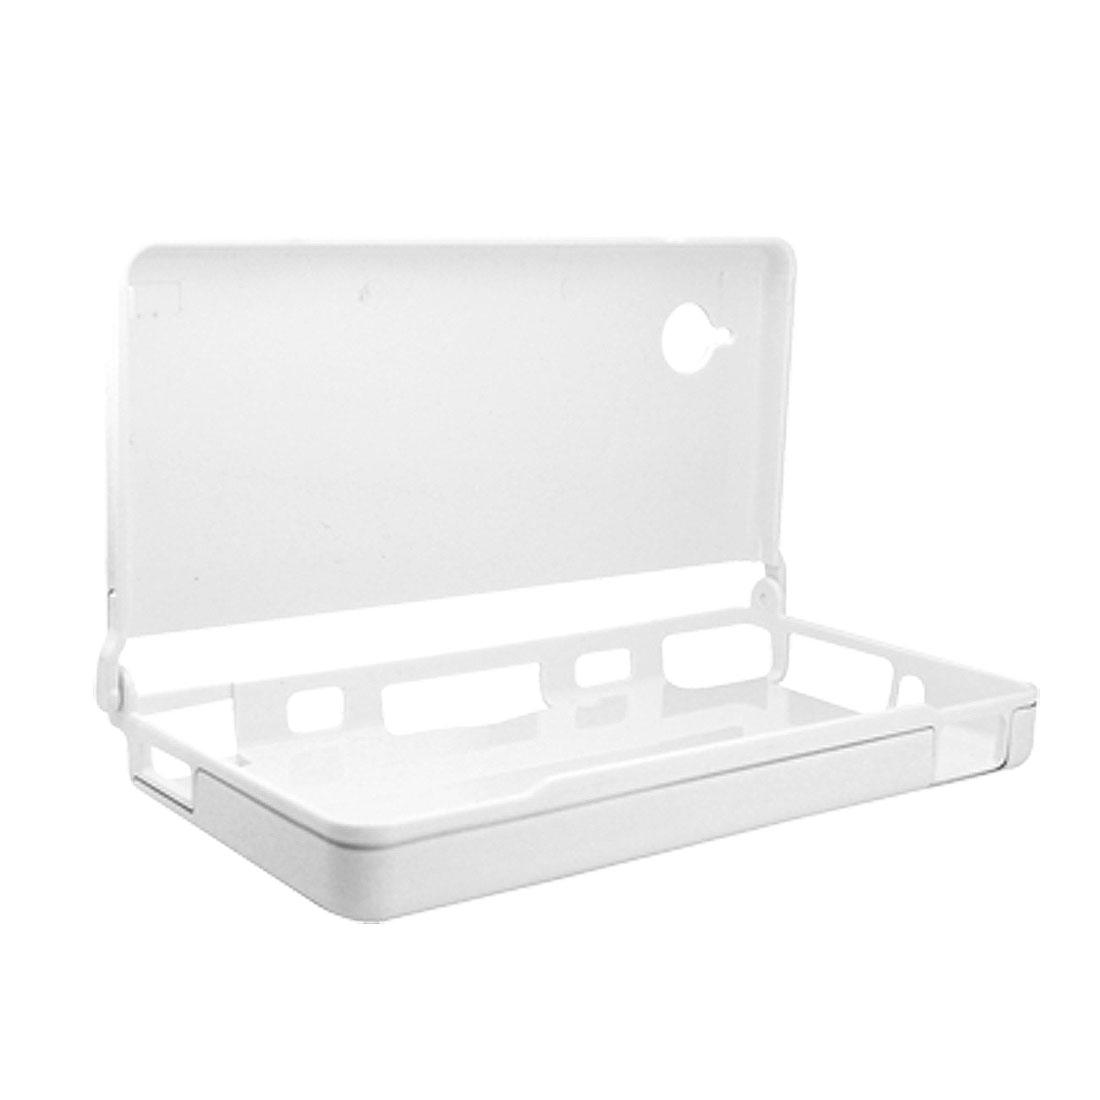 White Plastic Aluminum Carring Case Cover for Nintendo NDSi